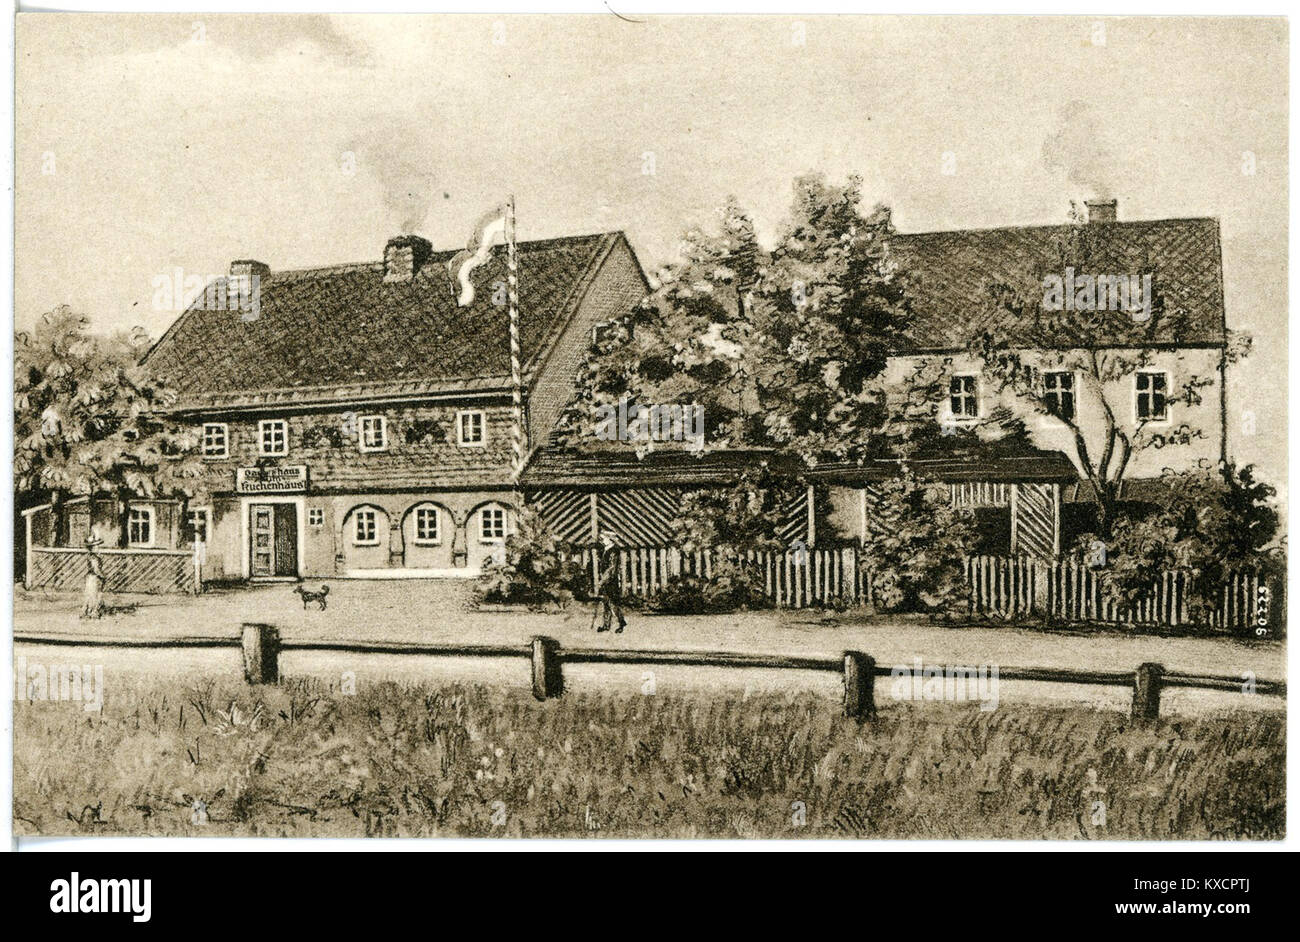 20657 kleindobschutz 1917 gasthaus zum kuchenhausl bruck sohn kunstverlag